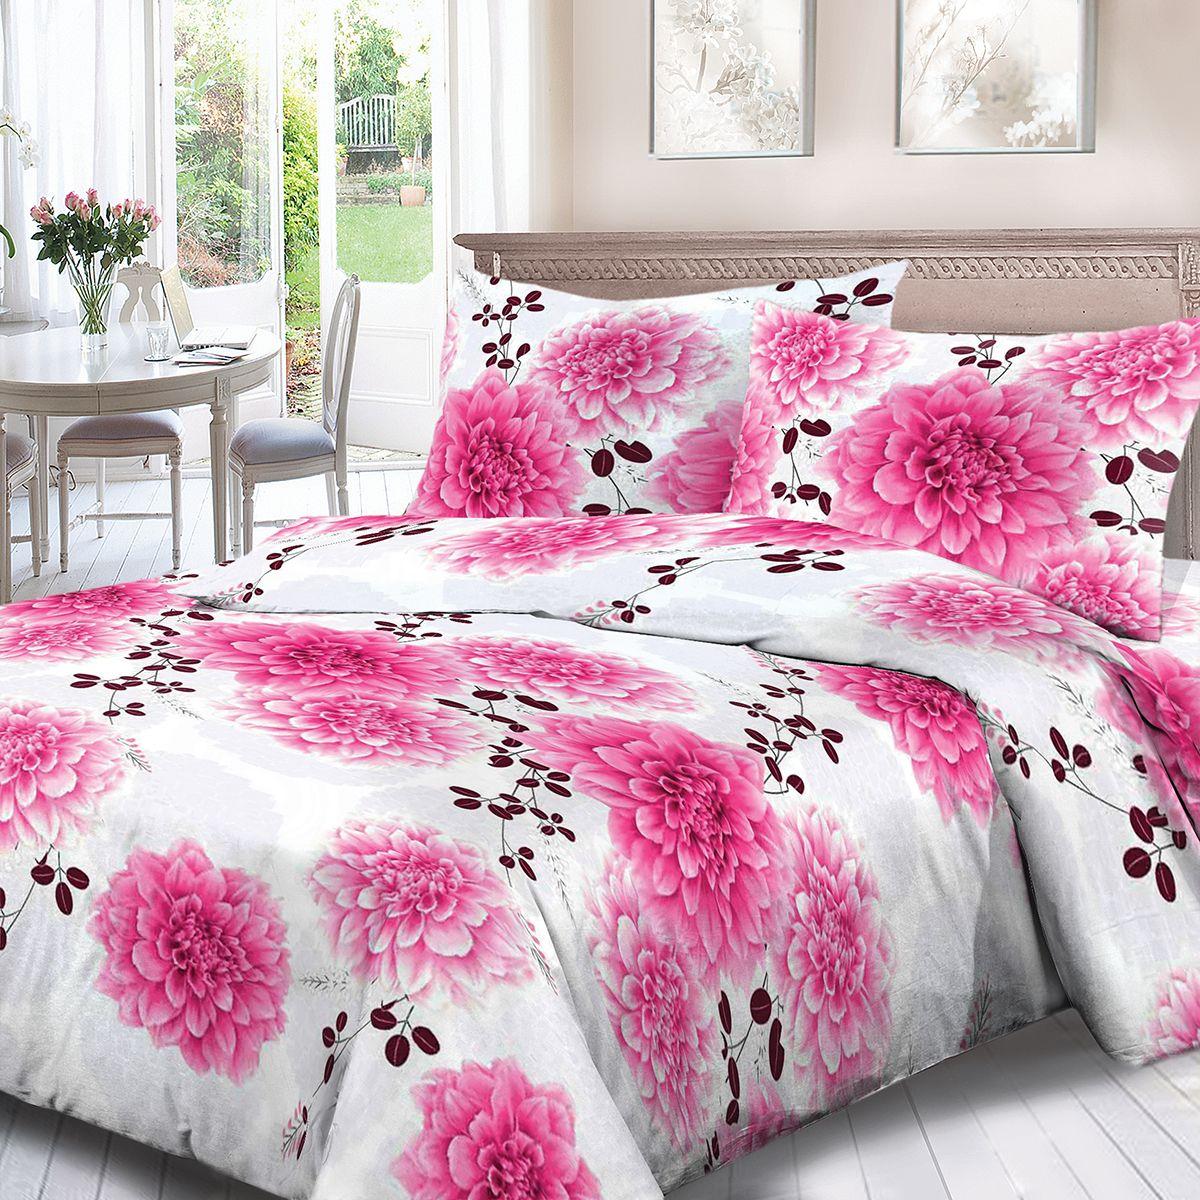 Комплект белья Для Снов Флер, 2-спальное, наволочки 70x70, цвет: розовый86491Постельное белье из высококачественного поплина ( Ткань Традиция) , в составе которого находится только 100% мерсеризованный хлопок - это идеальный выбор современной женщины. Мерсеризация подчеркивает лучшие свойства хлопка: - Ткань прочнее обычной, при этом мягкая и шелковистая; - Цвета яркие и устойчивые; - Высокая гигроскопичность; - Меньше мнется, не линяет и не садится при многократных стирках; При производстве используются только безопасные красители ведущего швейцарского производителя BEZEMA Коллекция отличается тщательно проработанными современными дизайнами, разделенными на тематические группы. Созданные талантливыми европейскими и российскими художниками, они поражают своей нежной красотой, а восхитительная упаковка придает комплекту подарочный вид. Плотность ткани: 110 г/м.кв.